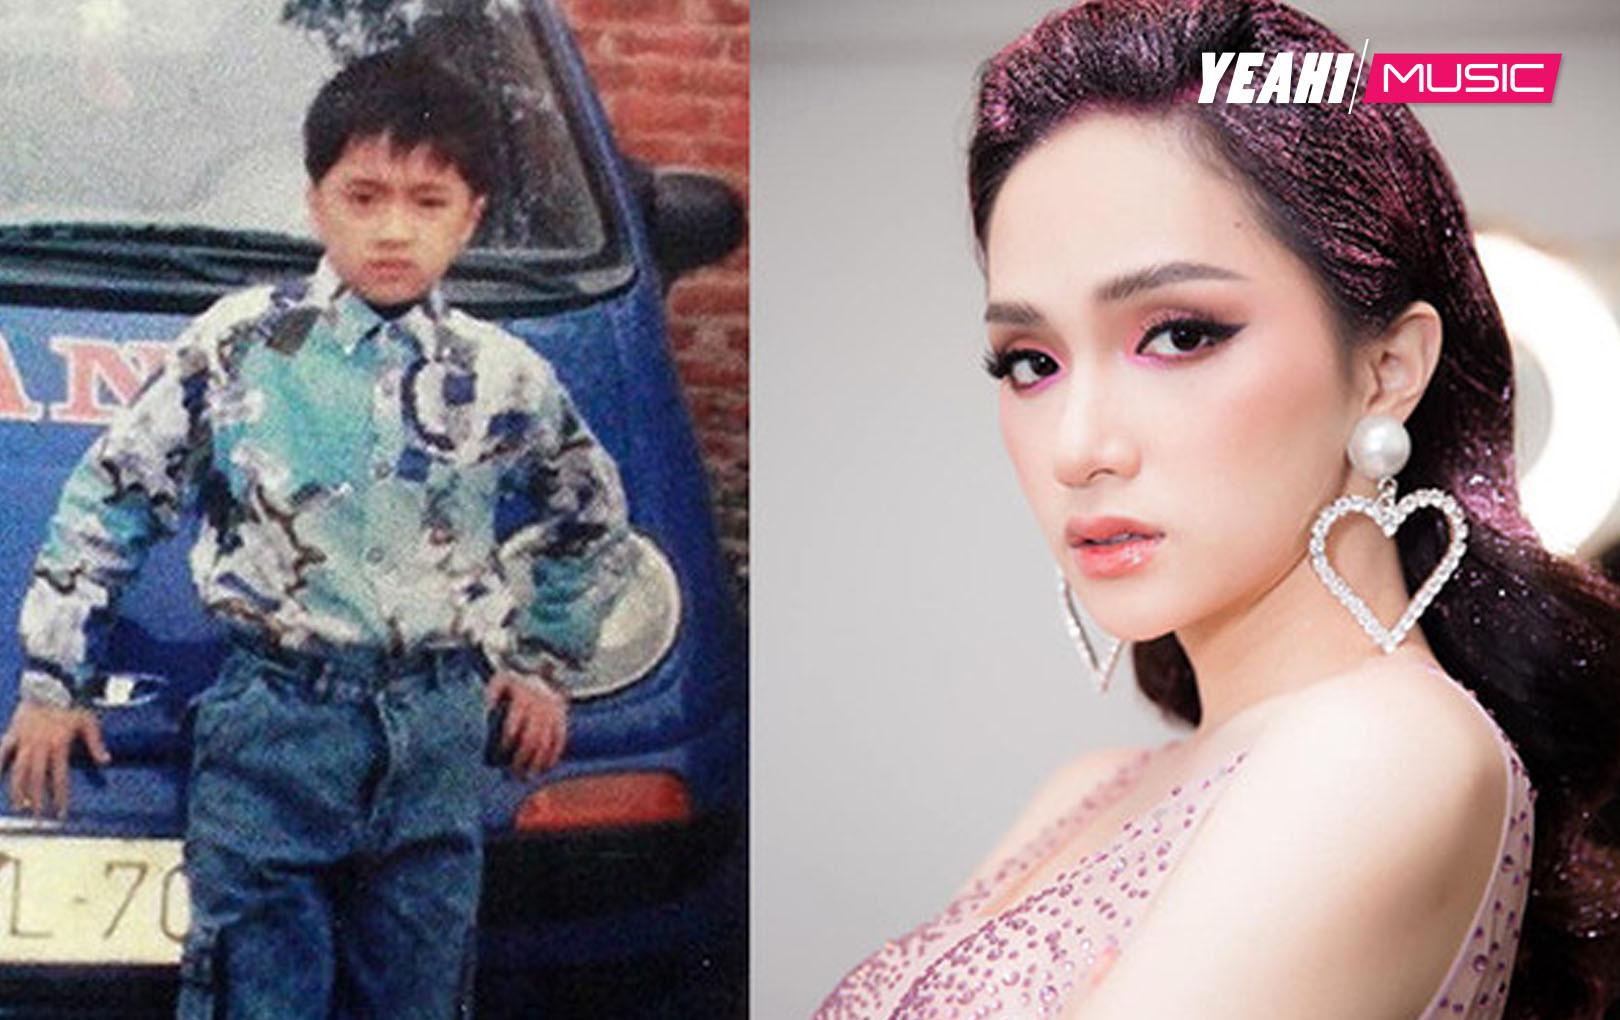 Nhan sắc của mỹ nhân Vbiz trước khi chuyển giới: Hương Giang cực phẩm, đẹp nhất Lâm Khánh Chi